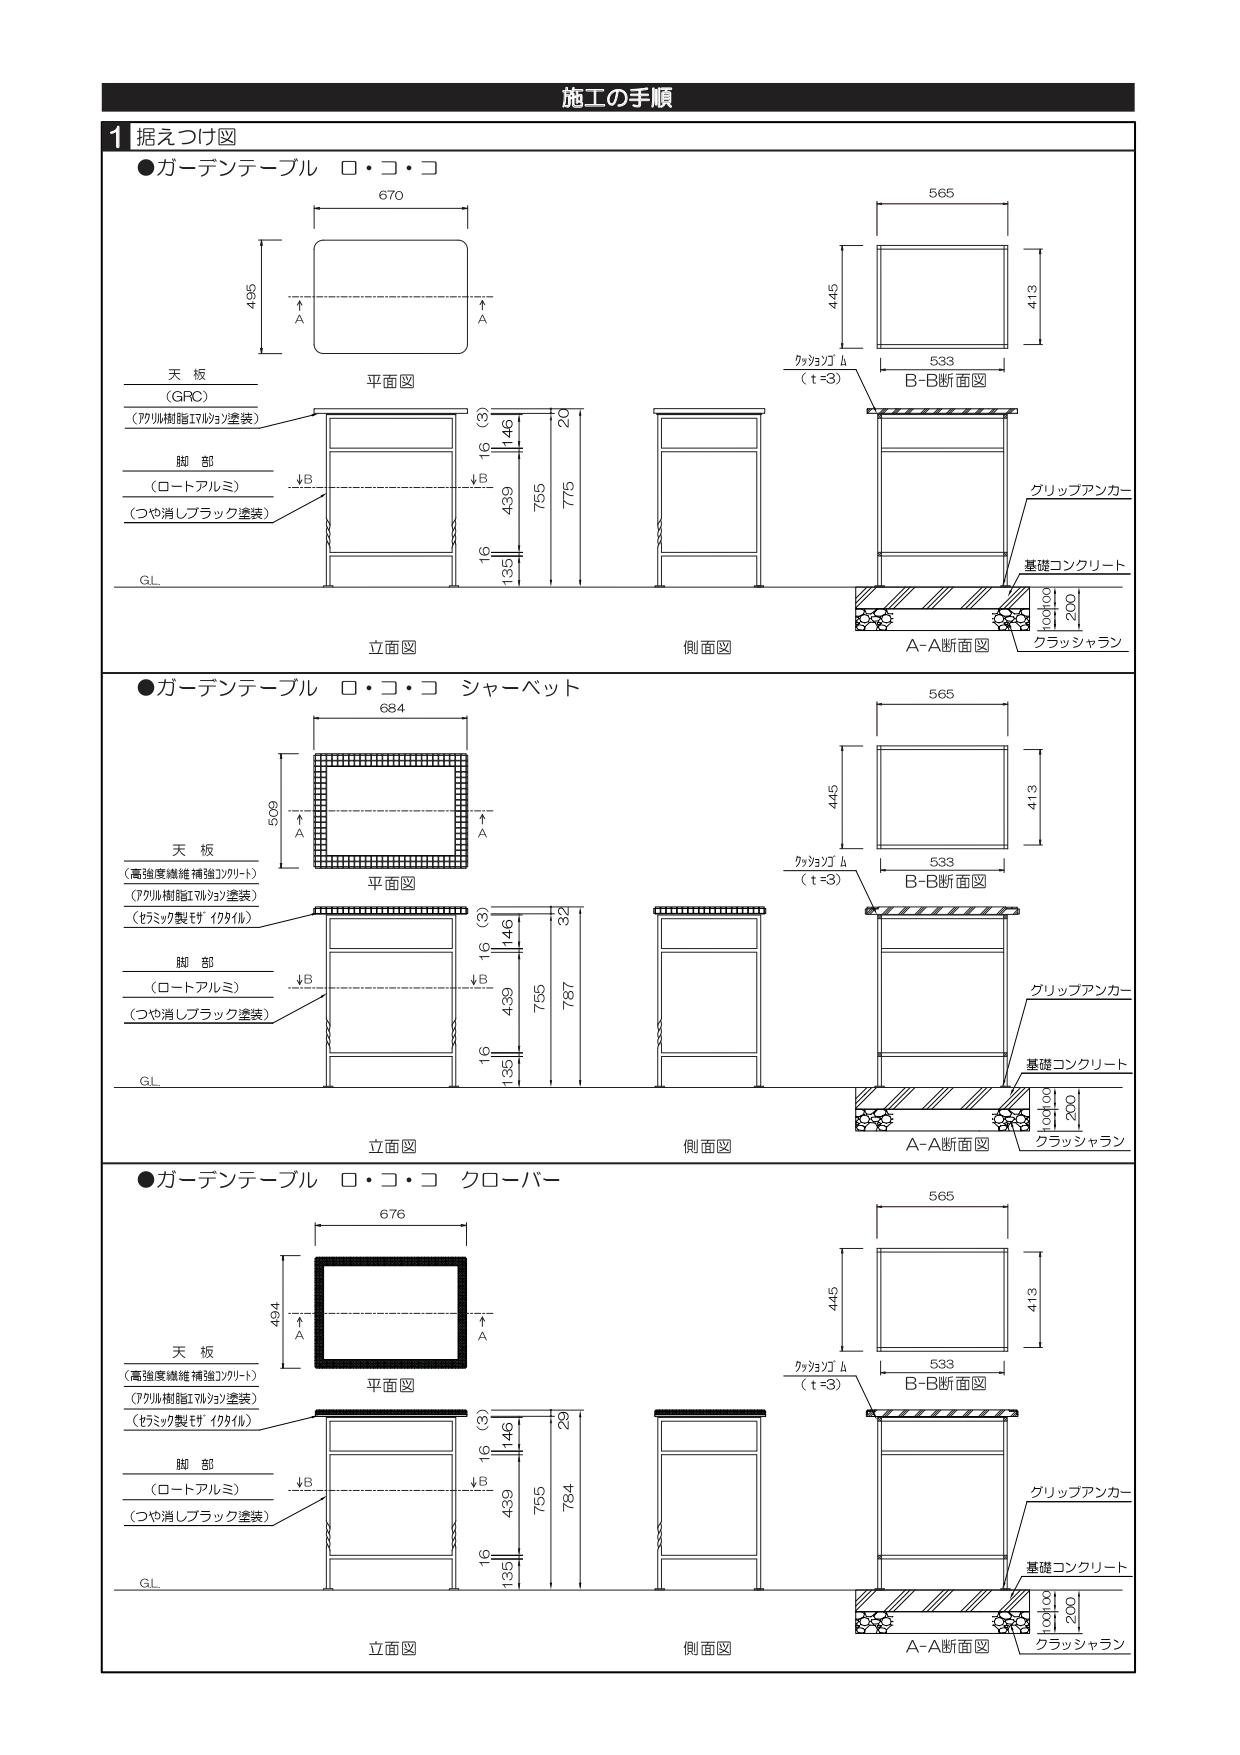 ガーデンテーブル ロココ 取扱説明書_page-0003